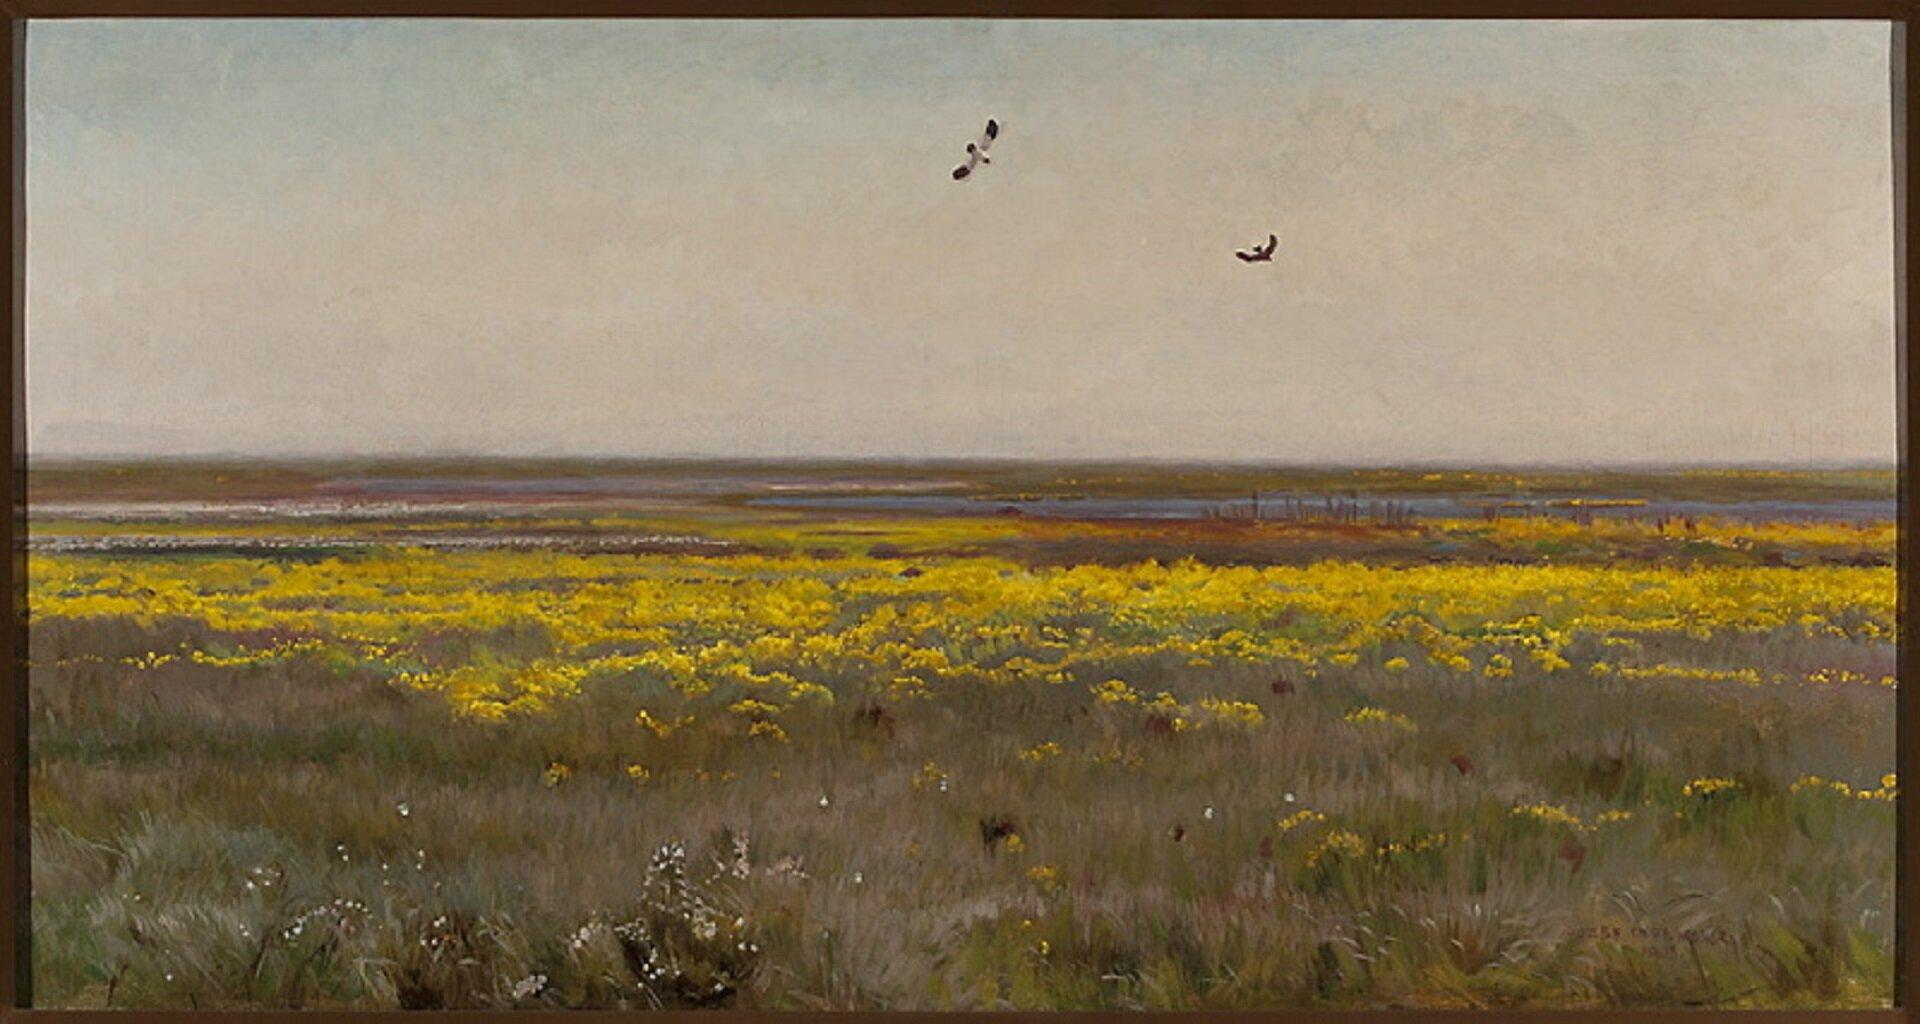 """Ilustracja przedstawia obraz olejny """"Kaczeńce"""" autorstwa Józefa Chełmońskiego. Horyzontalna kompozycja ukazuje rozległy pejzaż podmokłej łąki zkwitnącymi żółtymi kaczeńcami. Na pierwszym planie, pośród beżowo-zielonych, wysmukłych traw, namalowanych lekkimi pociągnięciami pędzla znajdują się białe plamki drobnych kwiatuszków. Dalej rozciąga się żółty pas miękko malowanych kaczeńców. Wtle ukazana jest wąska, szaro-niebieska linia stawu, otoczona rudawo-zielonymi połaciami traw. Nad łąkami, na tle różowo-błękitnego nieba unoszą się dwa ptaki. Otwarta kompozycja utrzymana jest wciepłej, wąskiej gamie barw zdominantą żółci."""